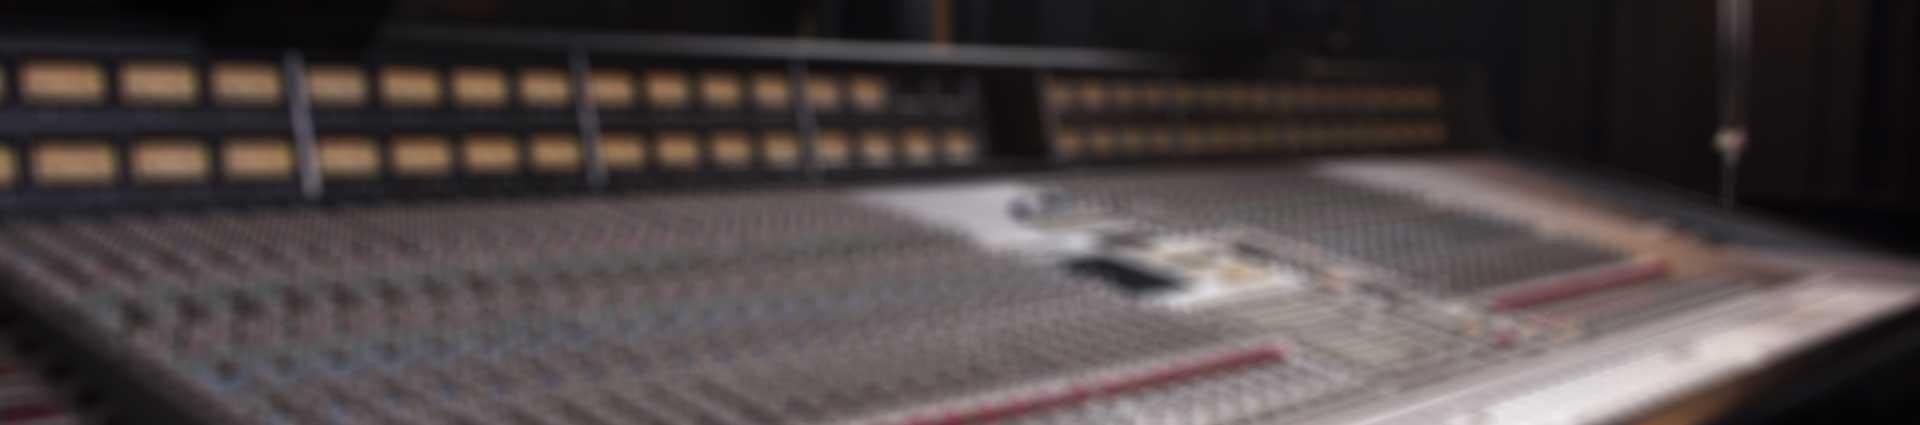 1920x425-mixing-board